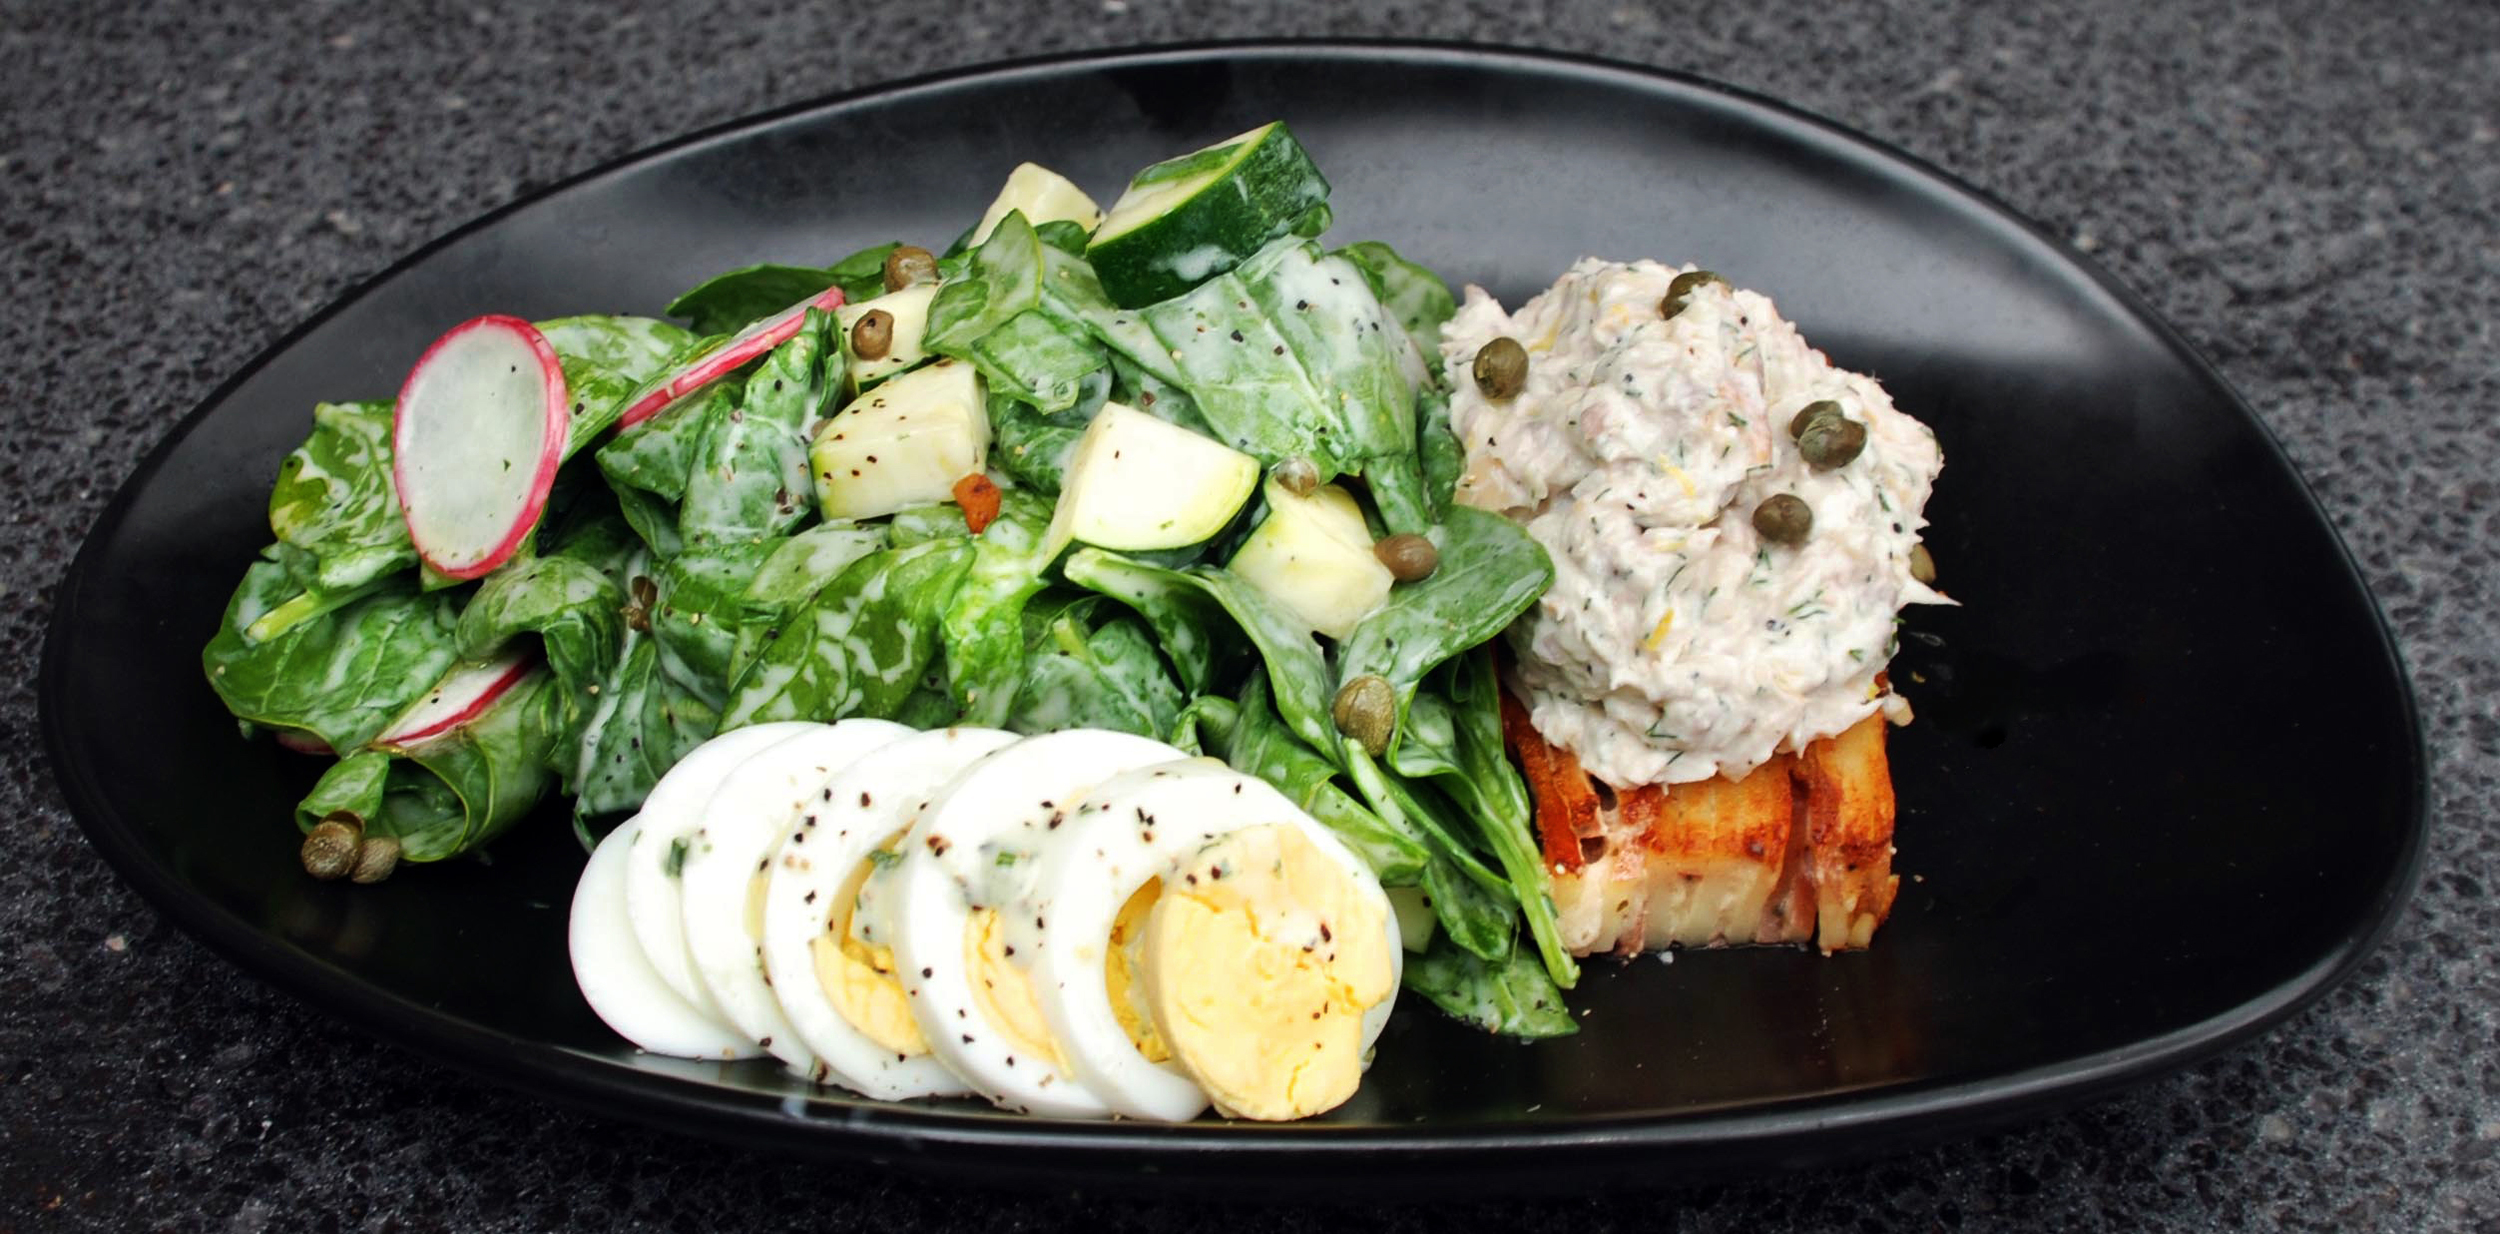 Smoked Trout Salad -spinach, creamy potato gratin, radish, zucchini, shaved egg, caper, herbed buttermilk vinaigrette